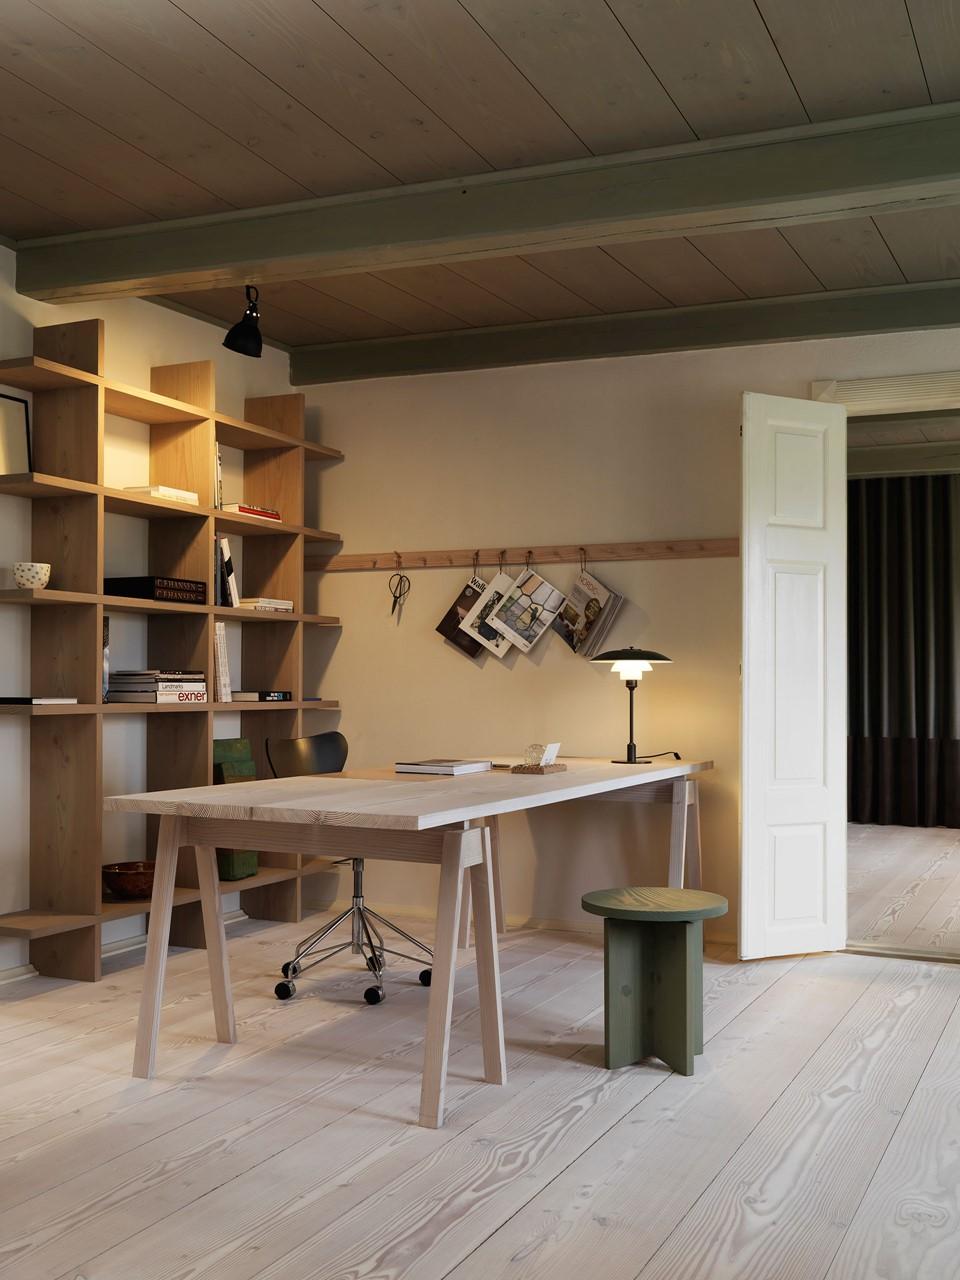 douglas fir floor lye white soap underfloor heating desk office dinesen country home.jpg